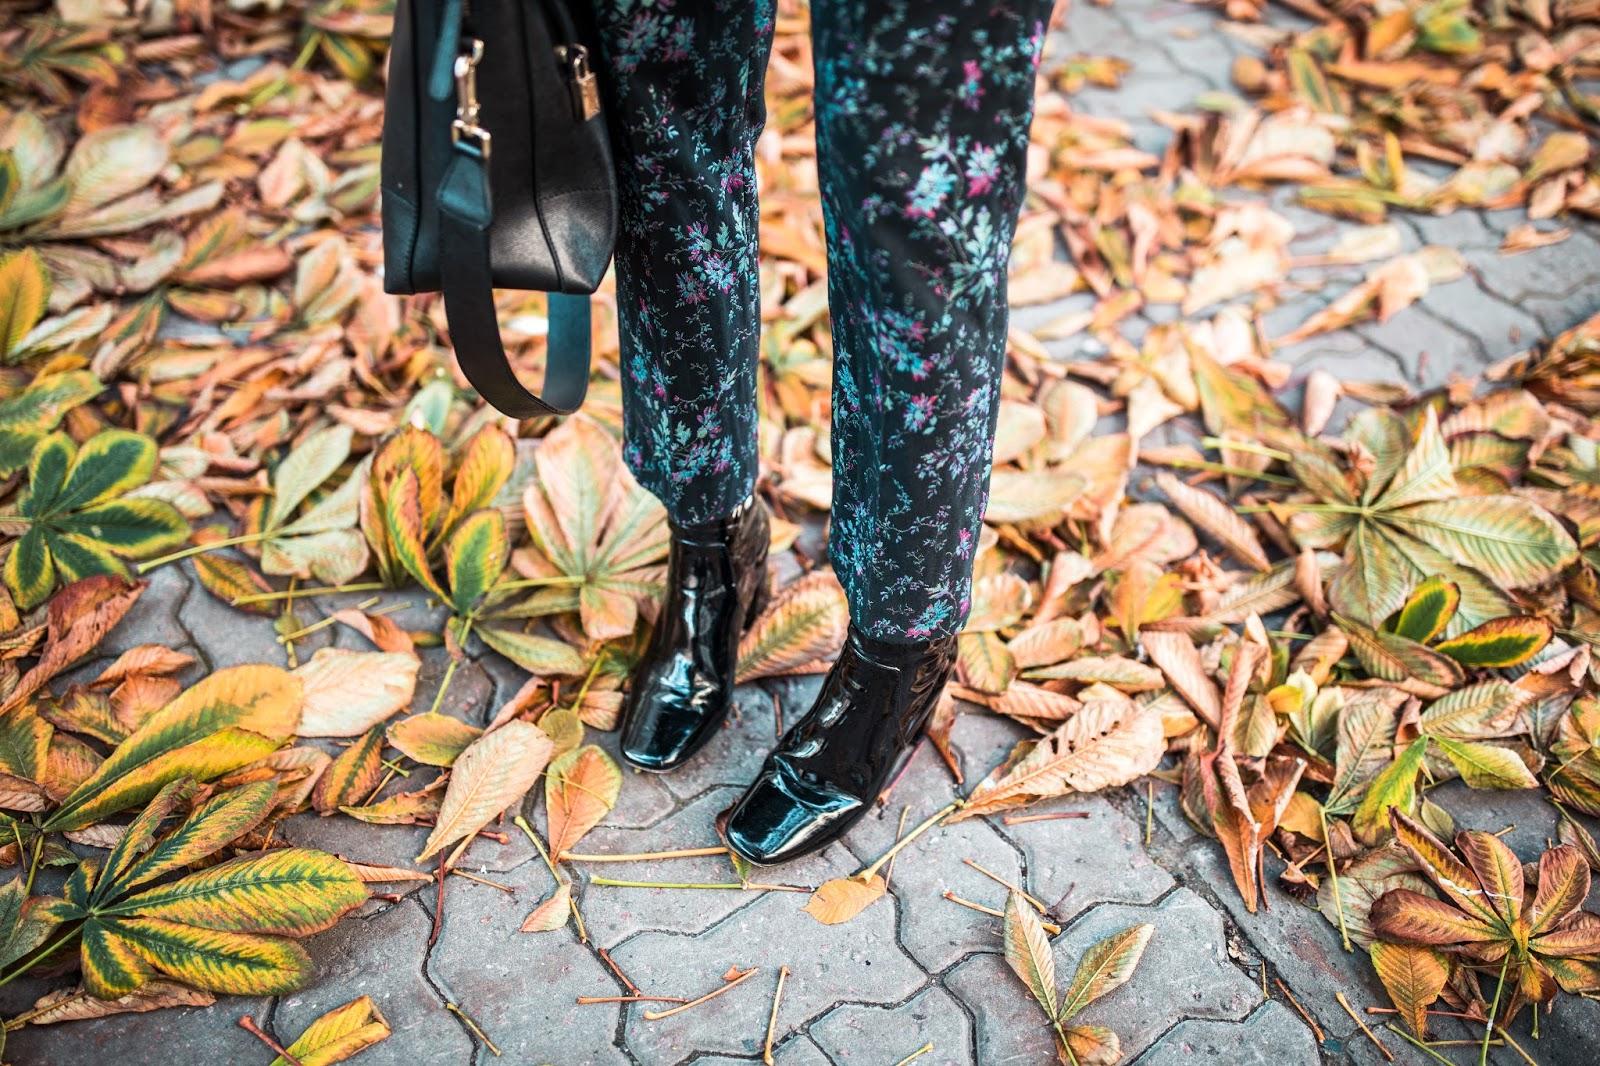 floral pants patent boots